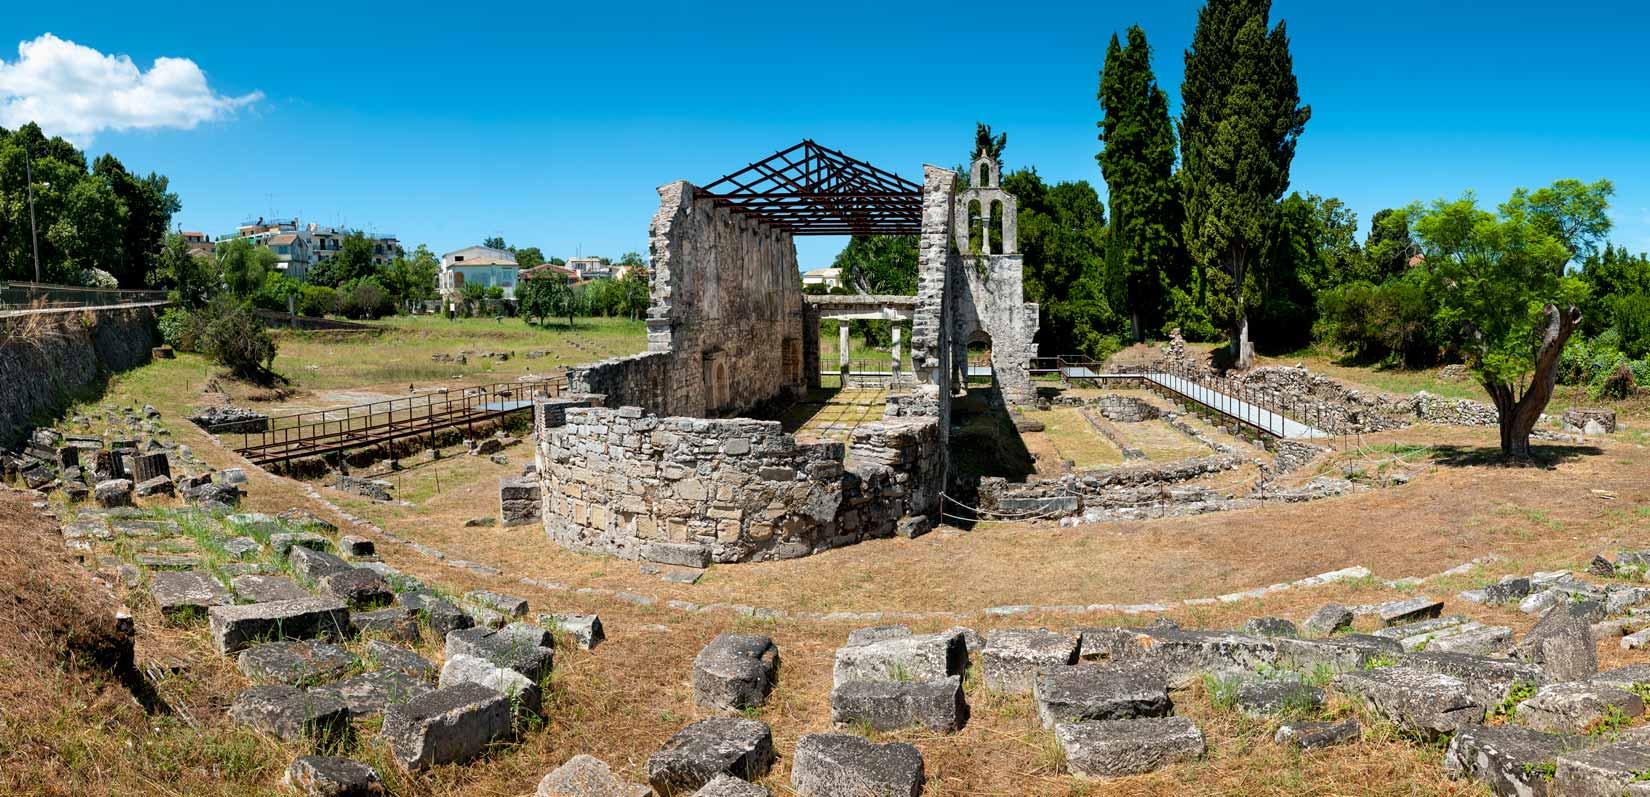 Raně křesťanská bazilika v Paleopoli je dnes sevřená rušnou ulicí vedoucí k hlavnímu městu Kerkyra